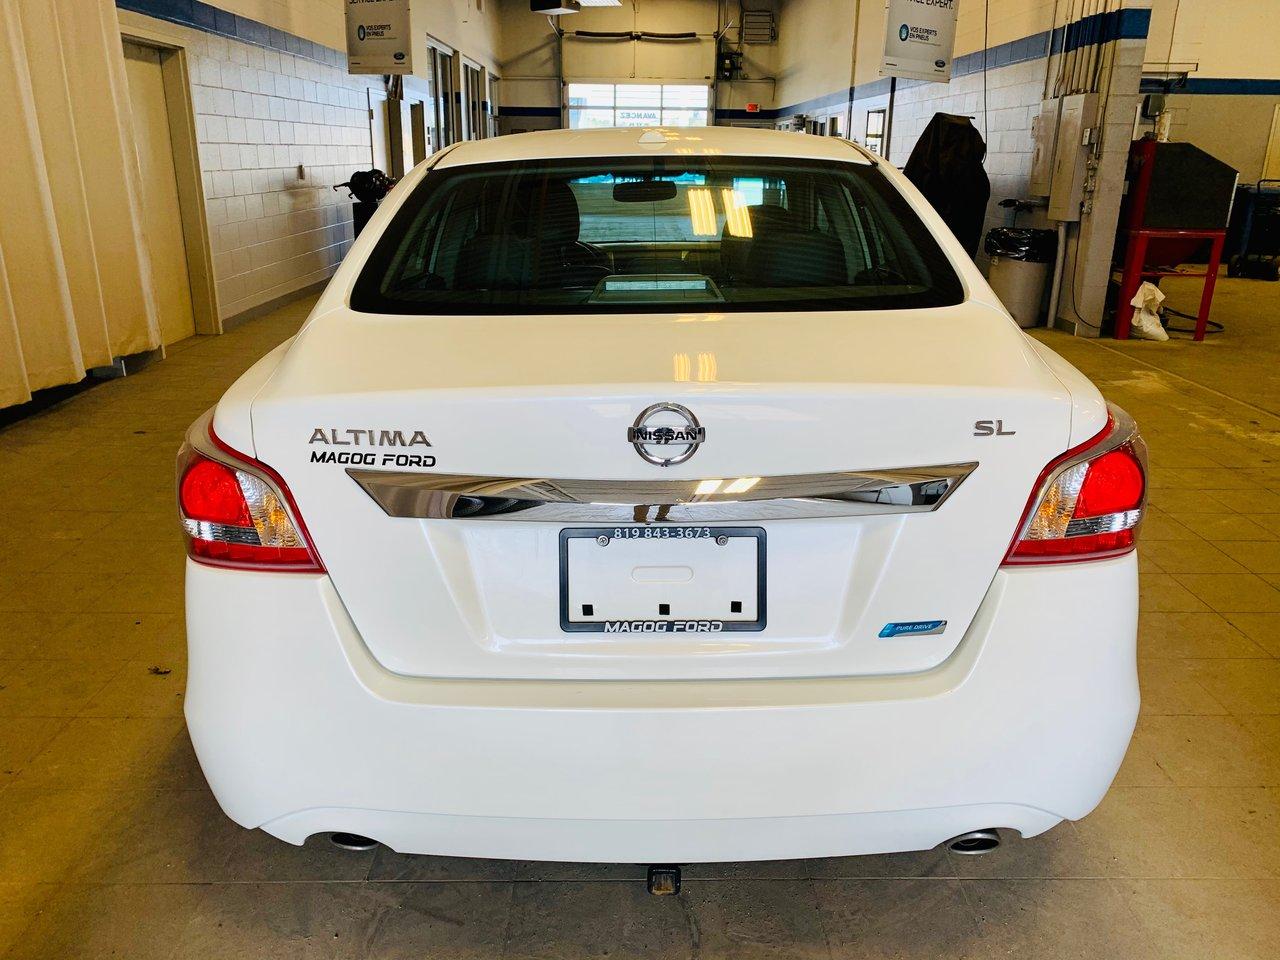 2013 Nissan Altima SL 2.5L / SIÈGES CHAUFFANTS +JAMAIS ACCIDENTÉ